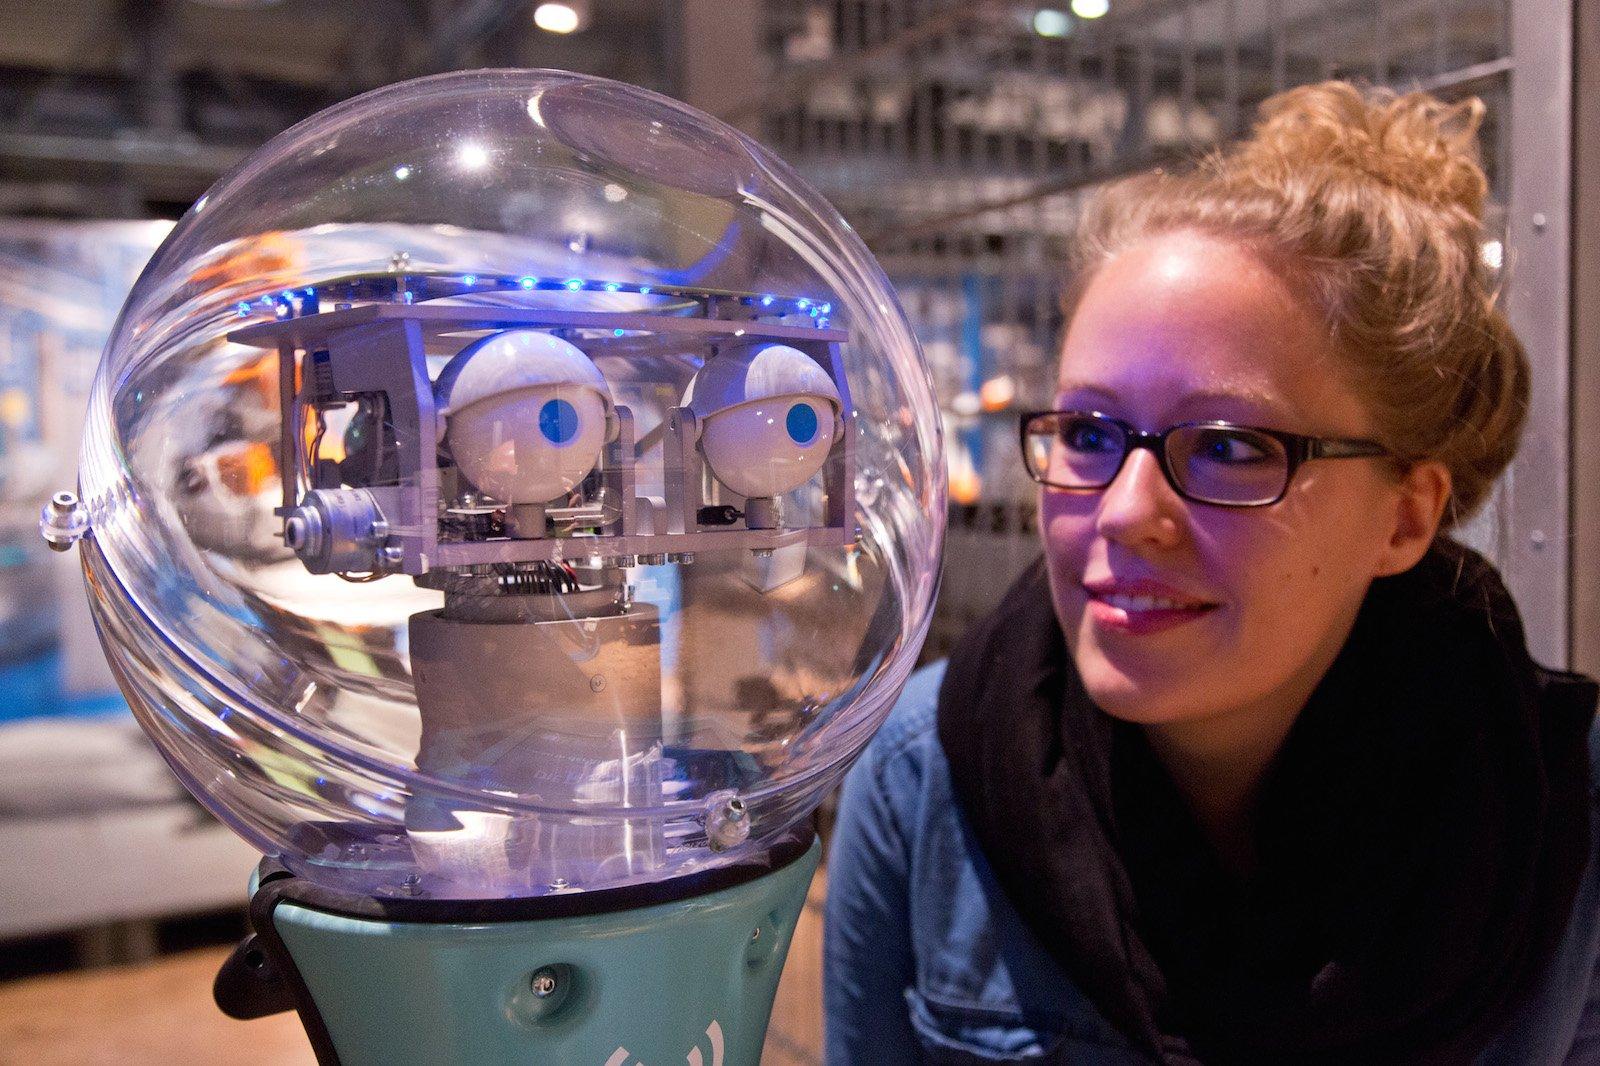 Wenn schon Roboter-Ausstellung, dann auch richtig: Dieses selbstfahrende Exemplar führt die Besucher durch die Dasa-Ausstellung. An seiner Seite: Dasa-Volontärin Magdalena Roß.